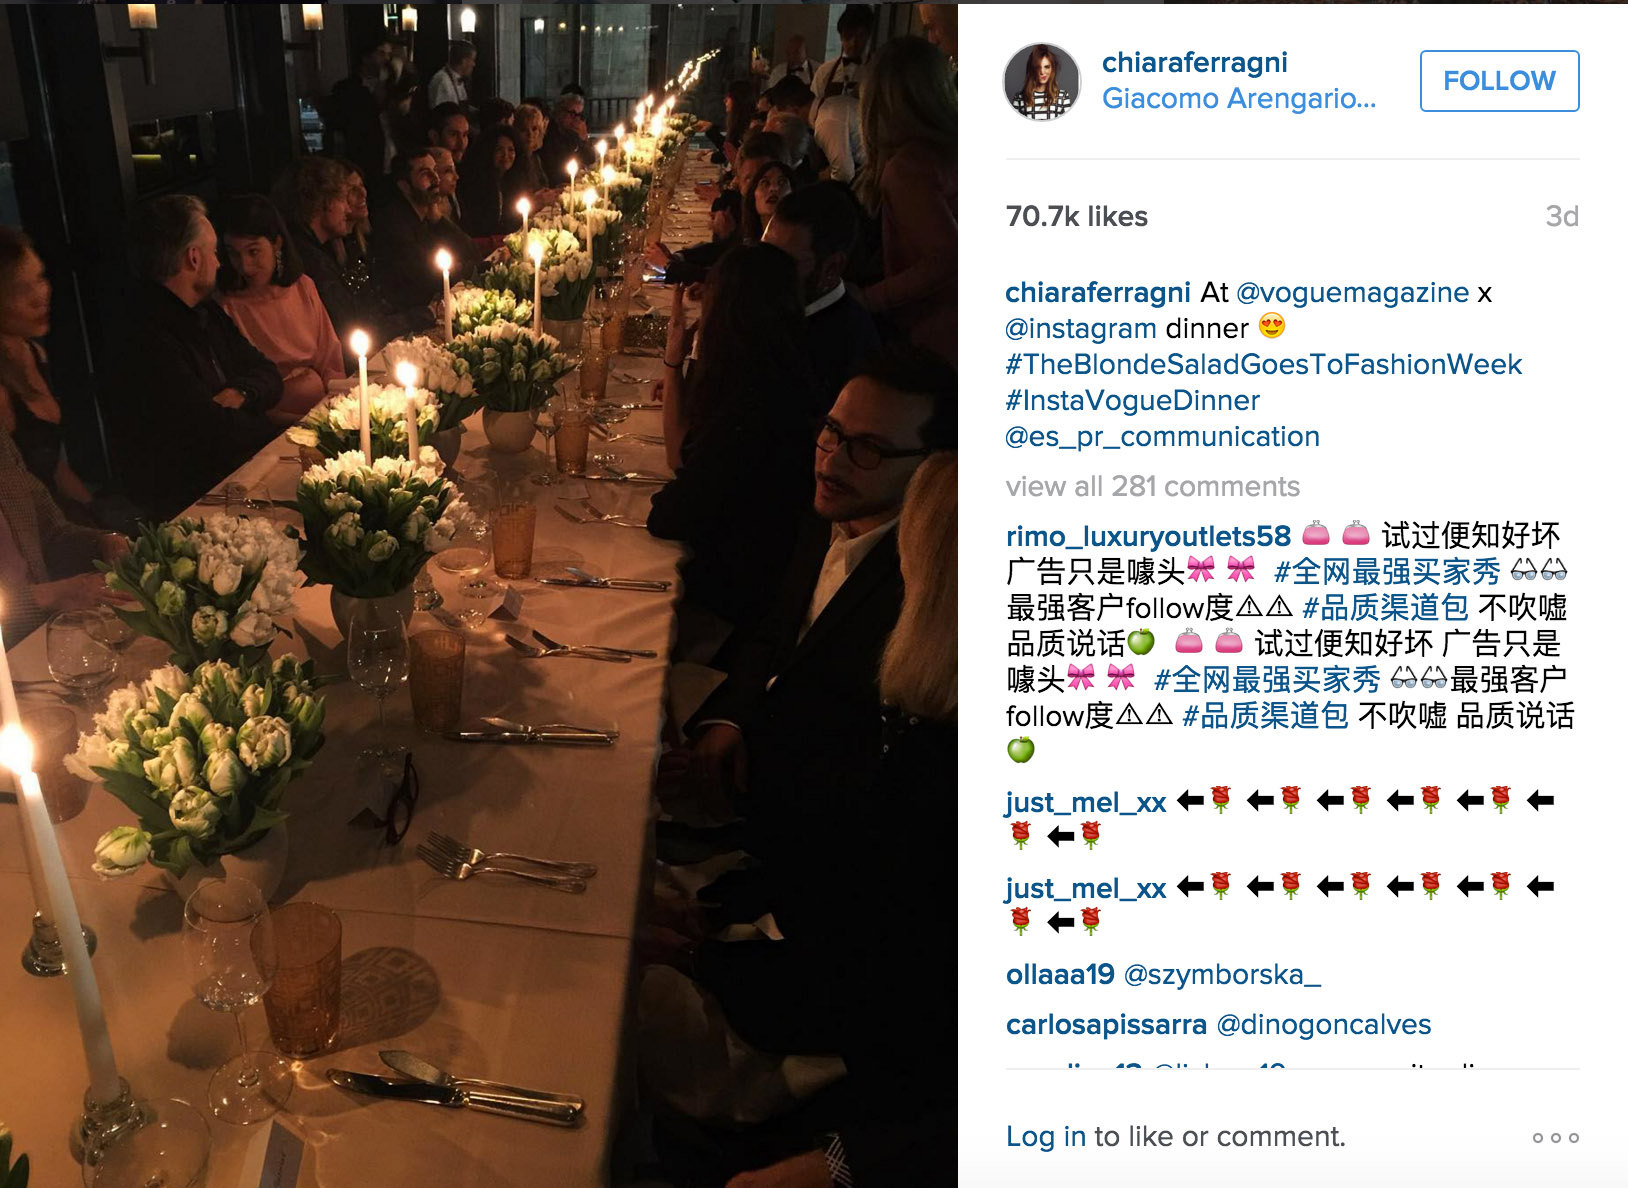 #InstaVogueDinner Chiara Ferragni Instagram